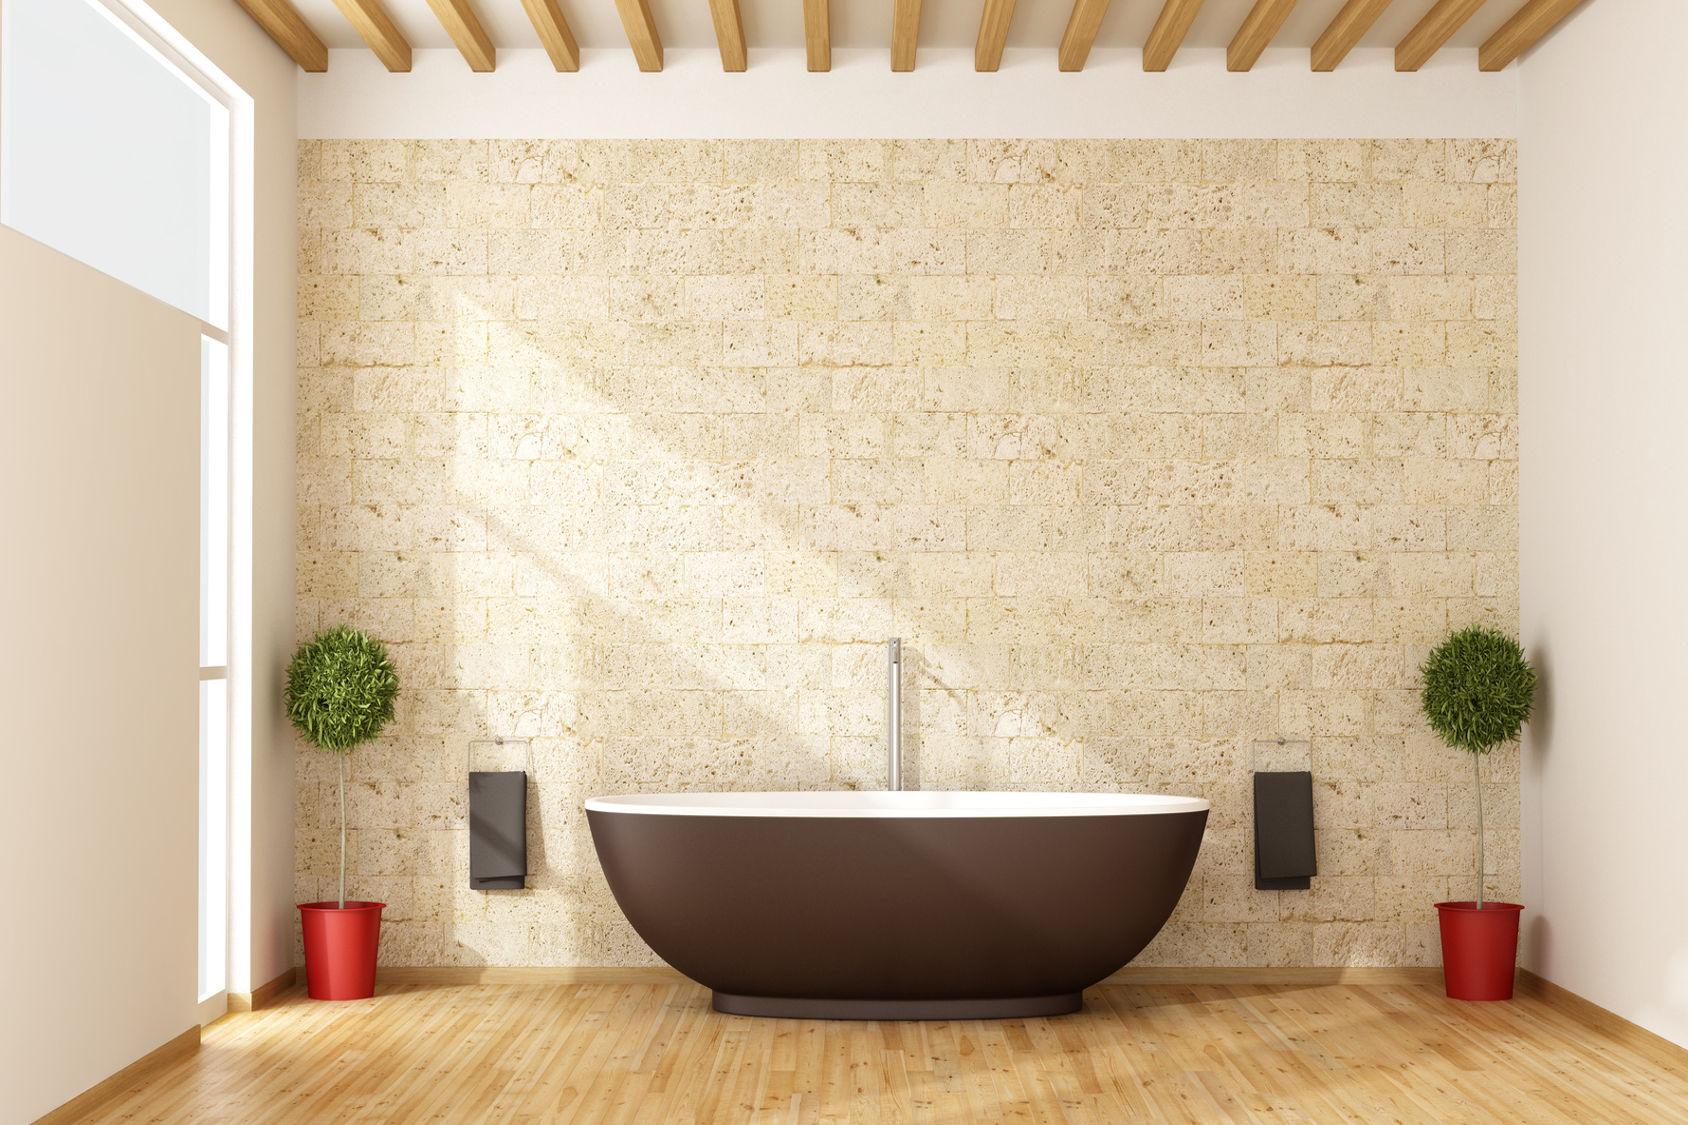 image 3 bandeau sanitaire